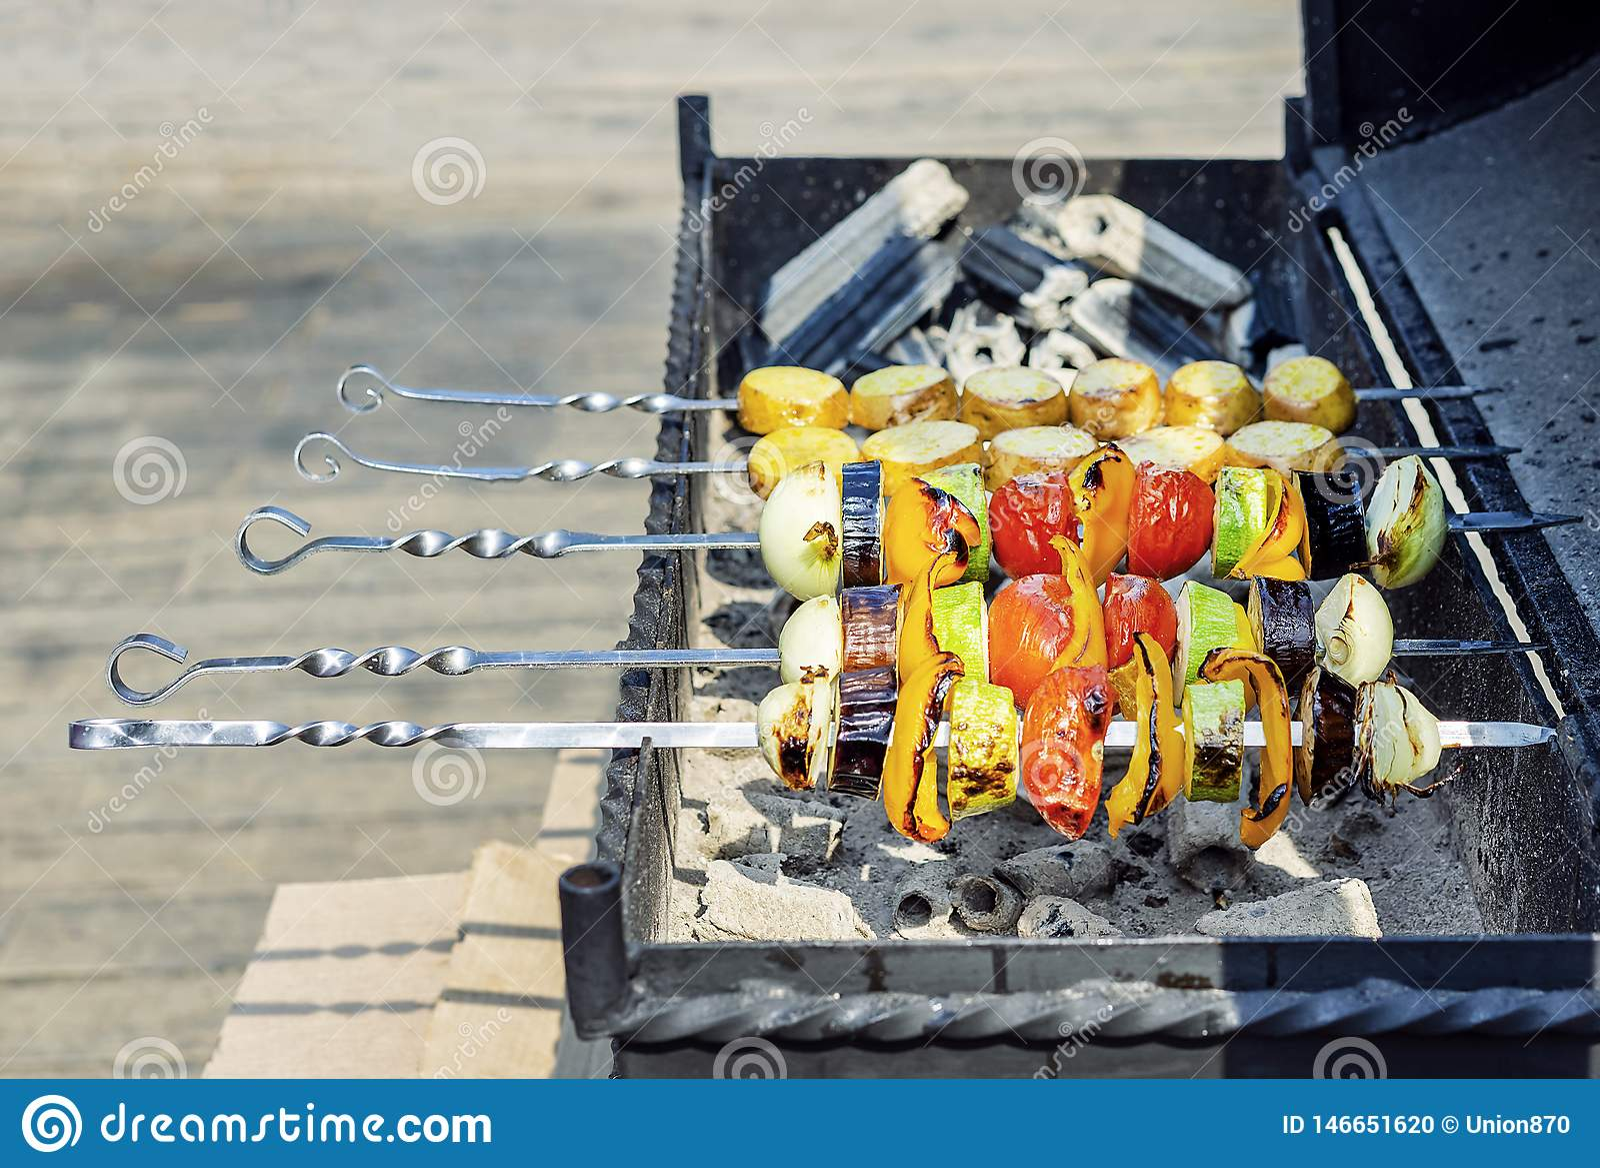 Ζωηρόχρωμα χορτοφάγα φυτικά οβελίδια με τα ψημένα πιπέρια κουδουνιών, τα κρεμμύδια, τις μελιτζάνες, τις ντομάτες και τα κολοκύθια